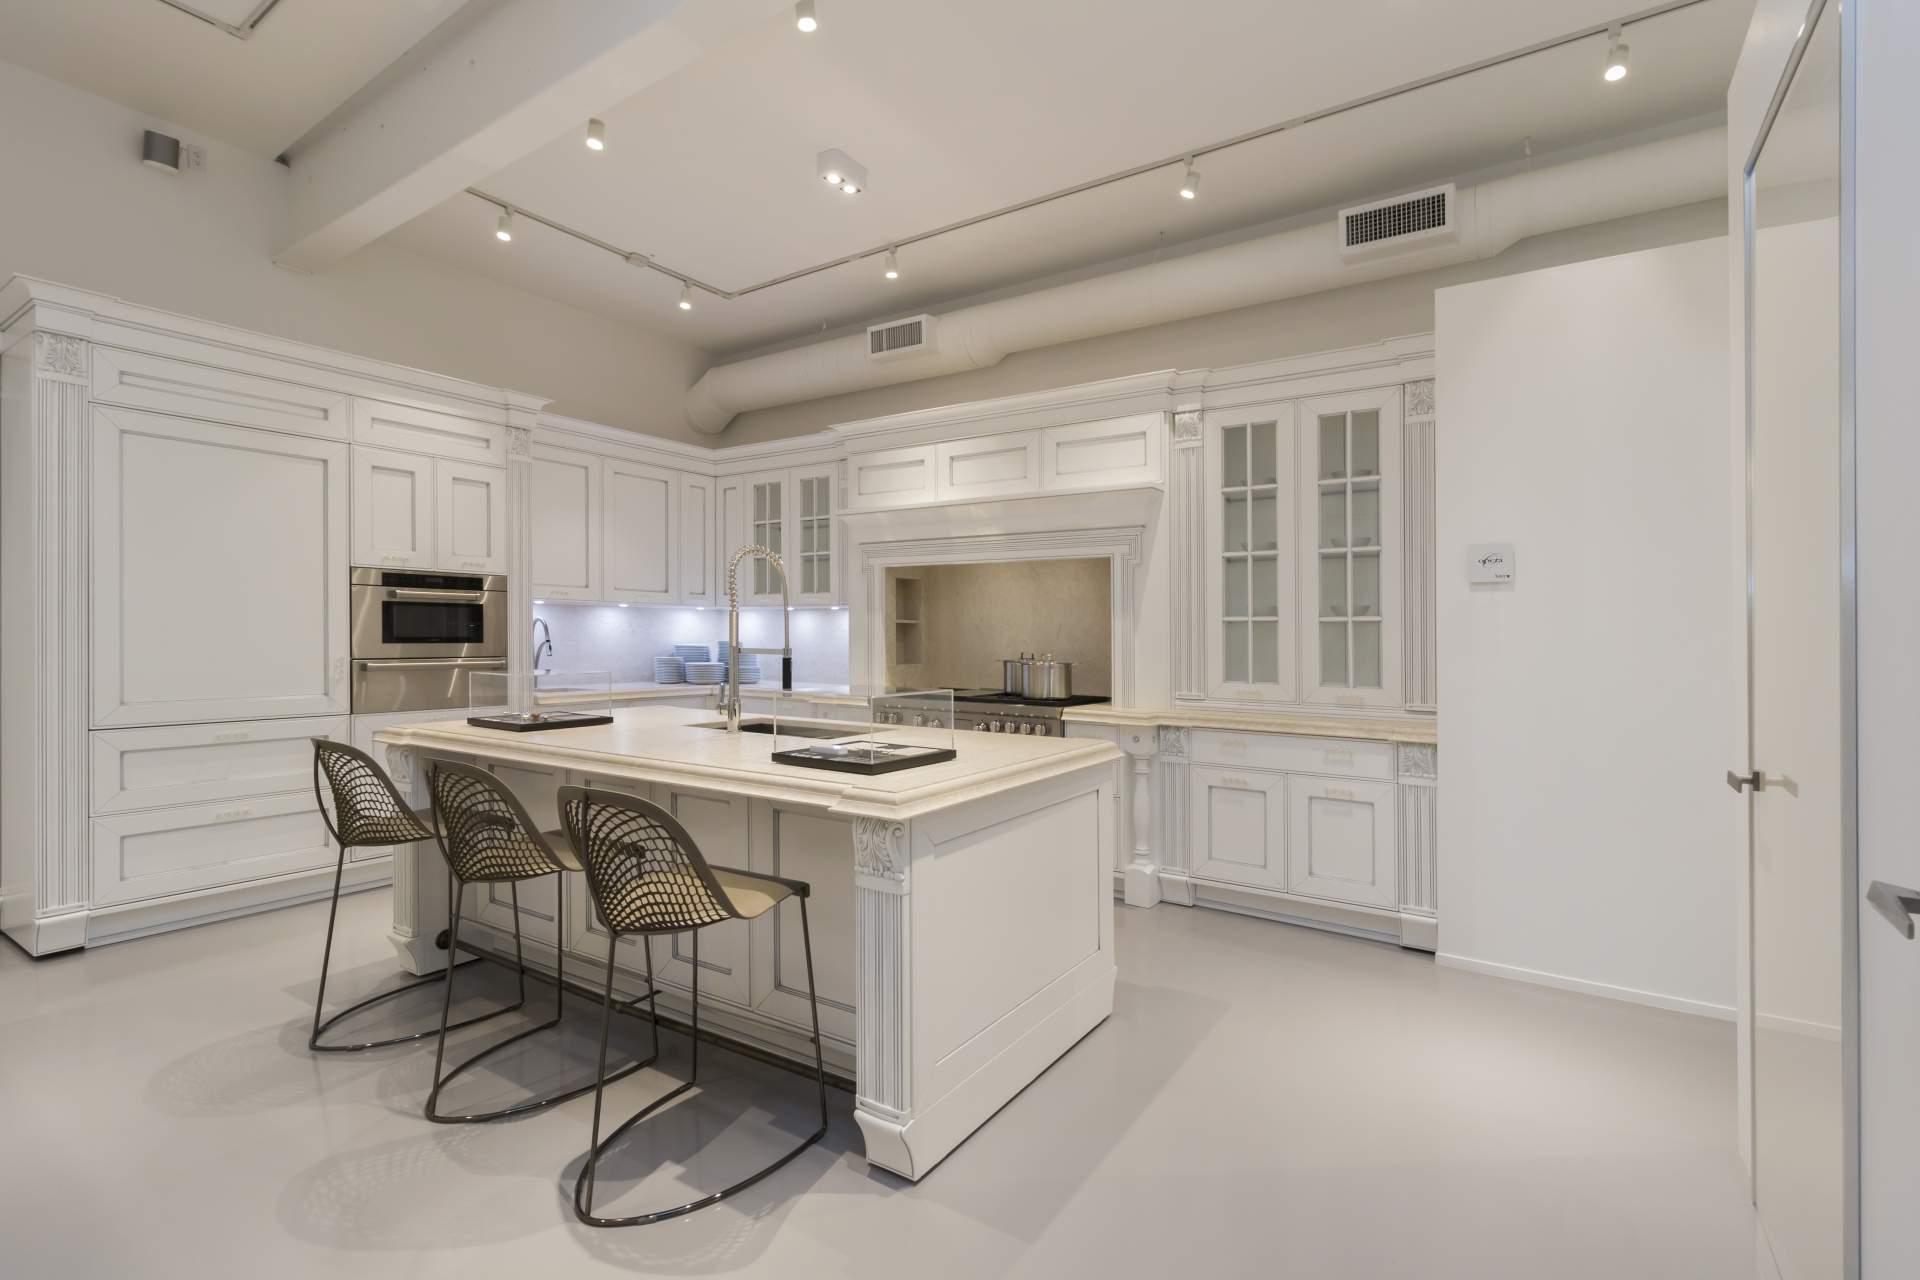 Кухня «Эдинбург» белая классическая с фрезеровкой